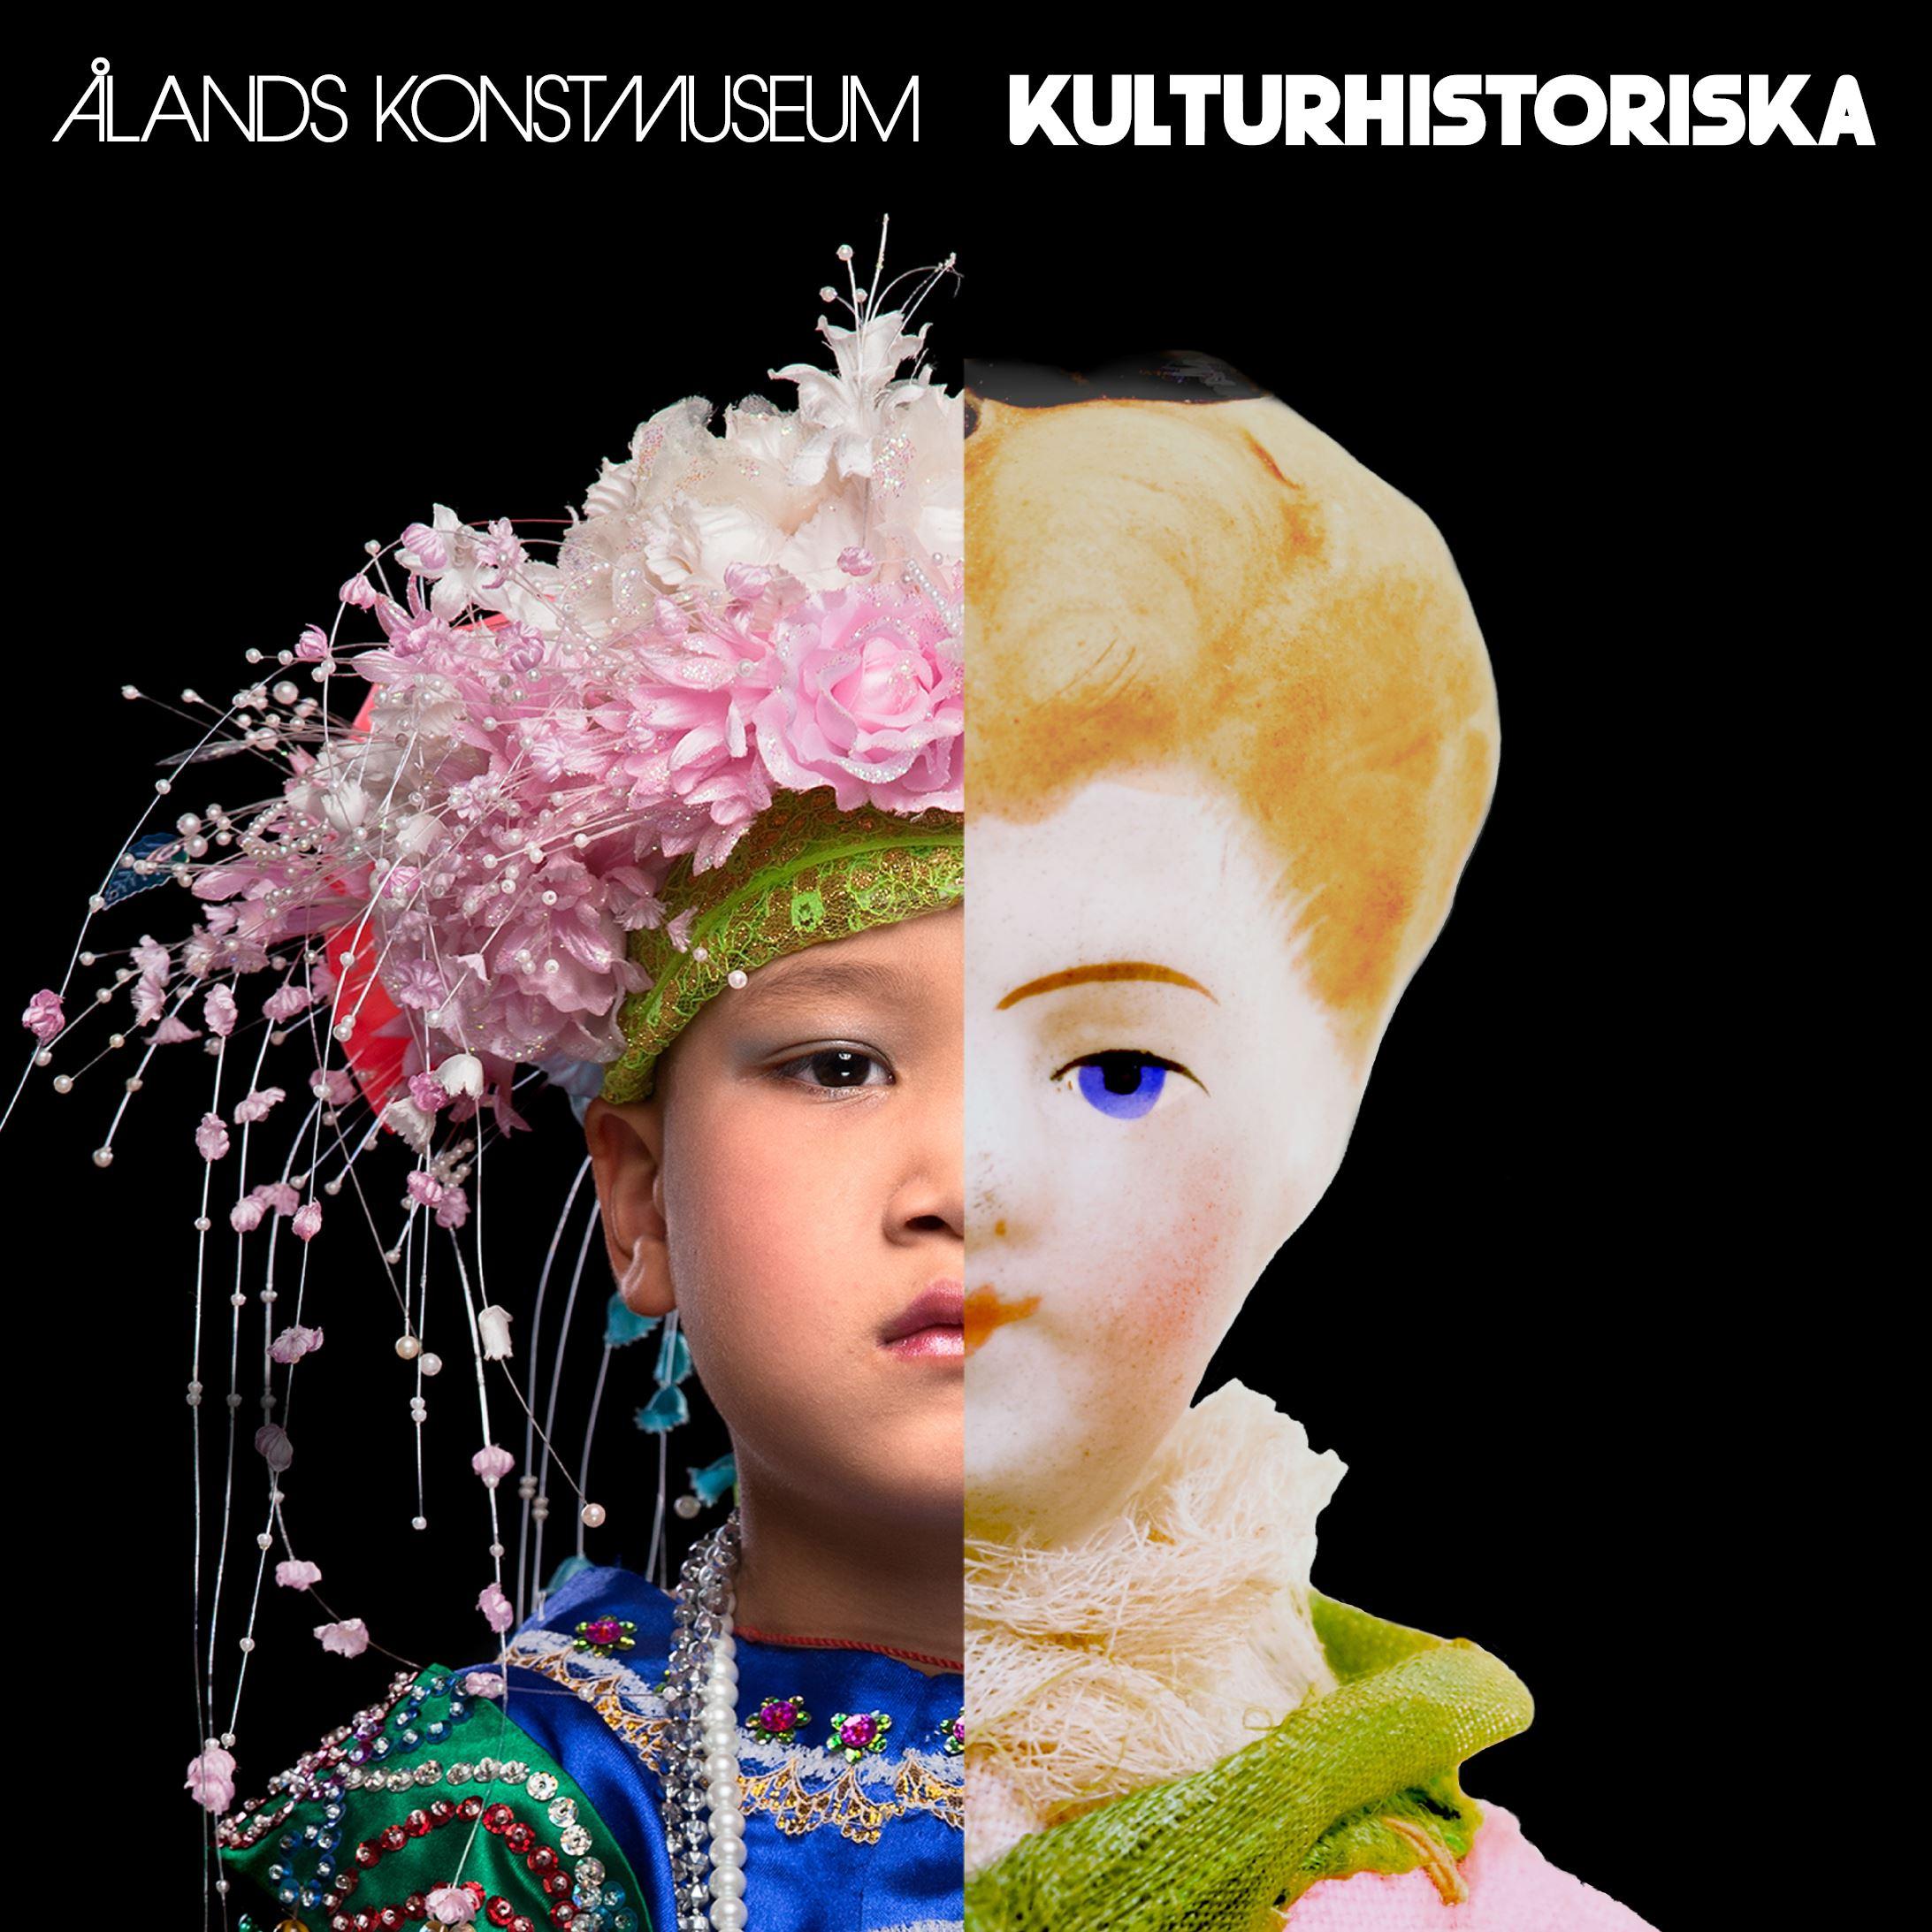 Ålands kulturhistoriska museum och Ålands konstmuseum - Entrébiljett till två museer under samma tak